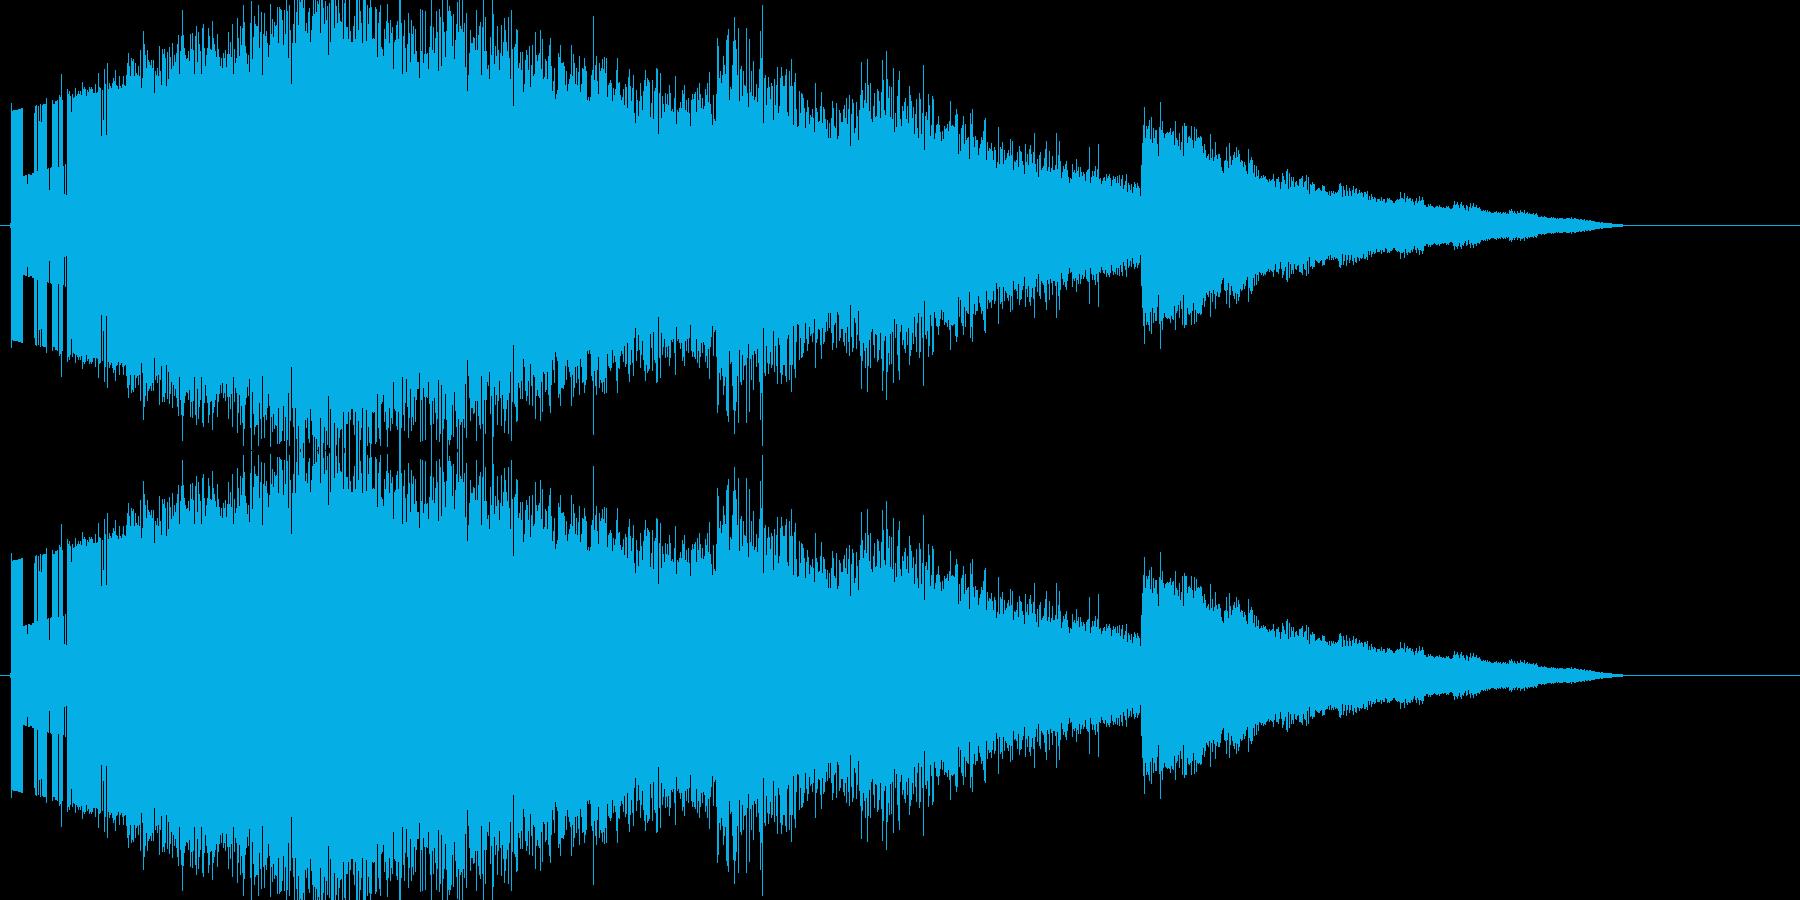 レトロゲーム風魔法・バリアや氷系2の再生済みの波形